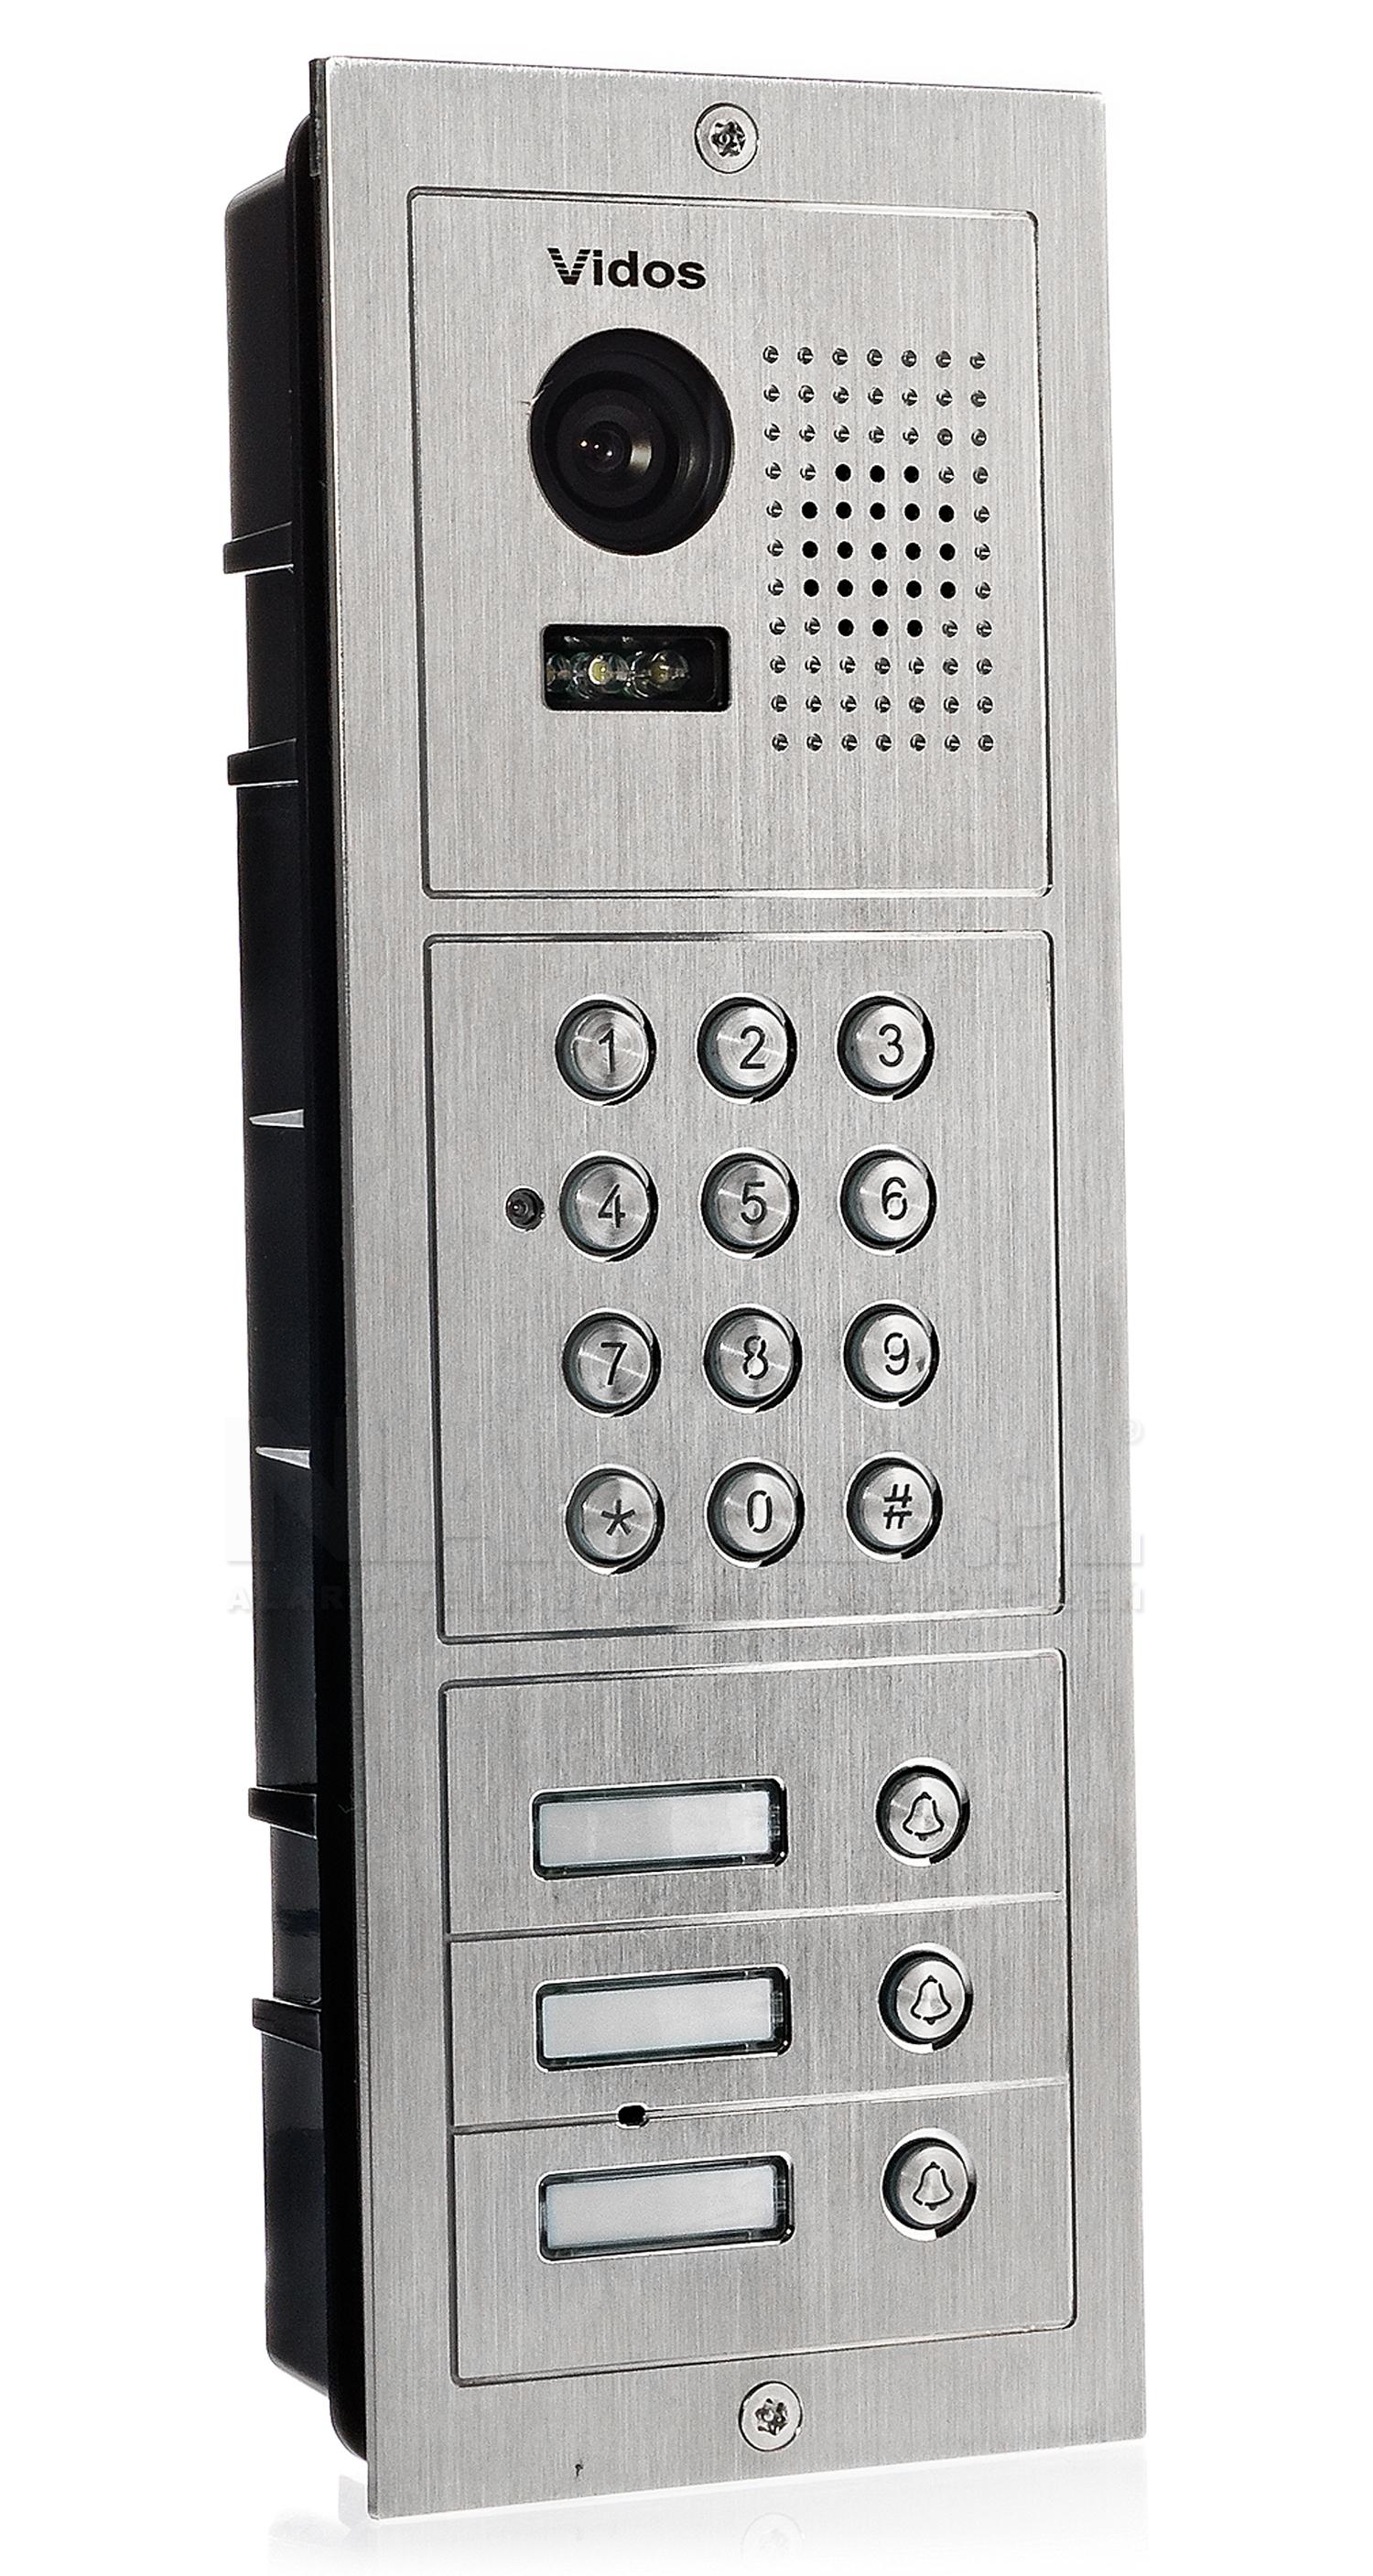 S603D-2 - Trzyabonentowa stacja bramowa z kamerą i zamkiem szyfrowym